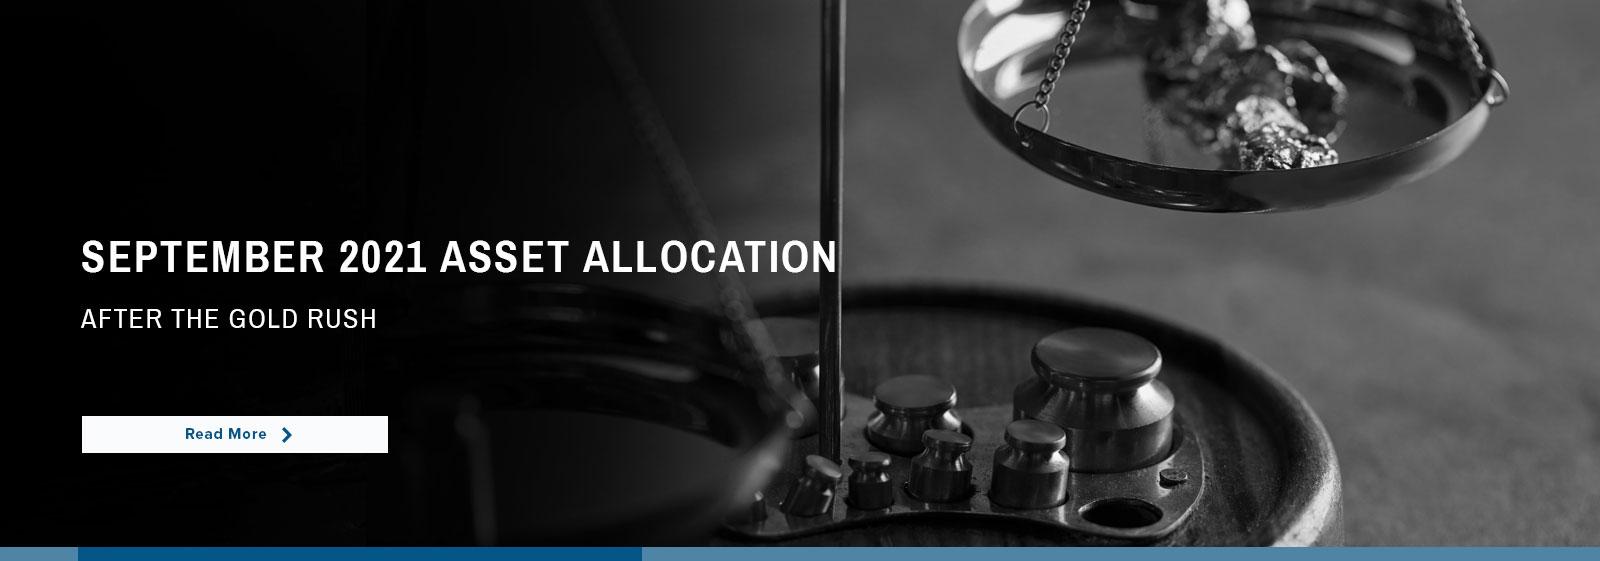 Highland Associates – Asset Allocation | September 2021